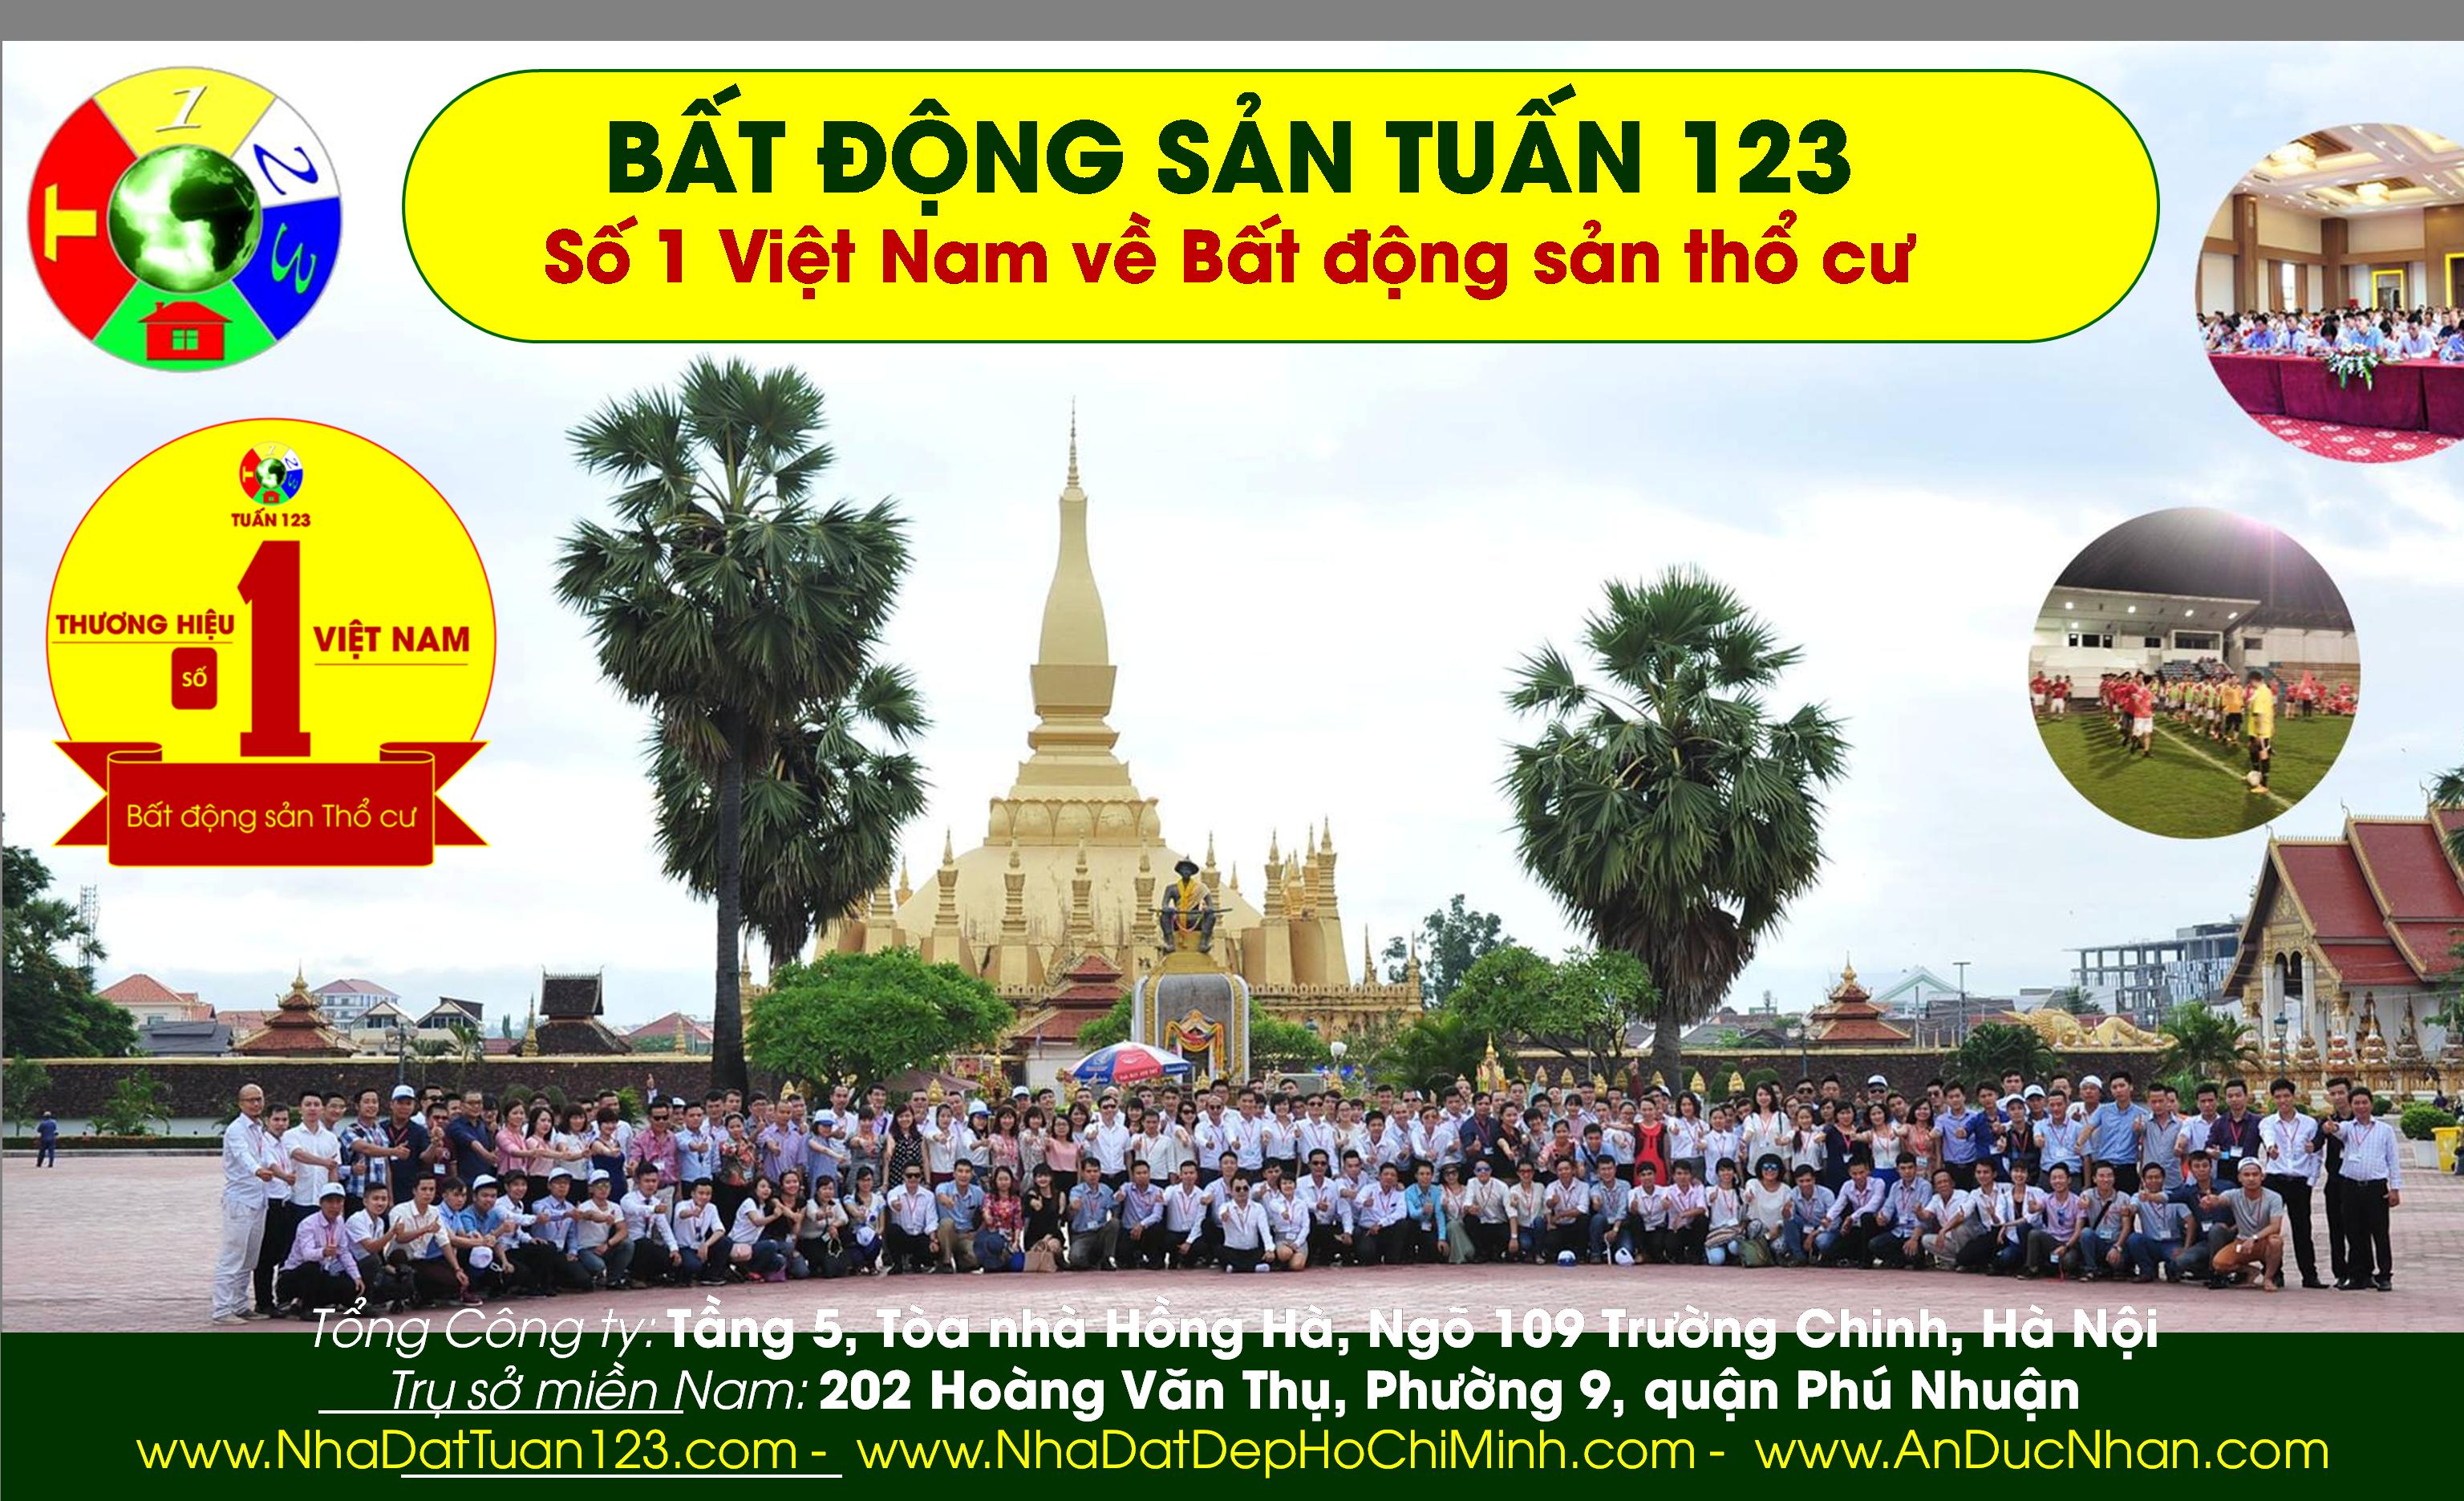 Bat%20dong%20san%20Tuan%20123%20123.png